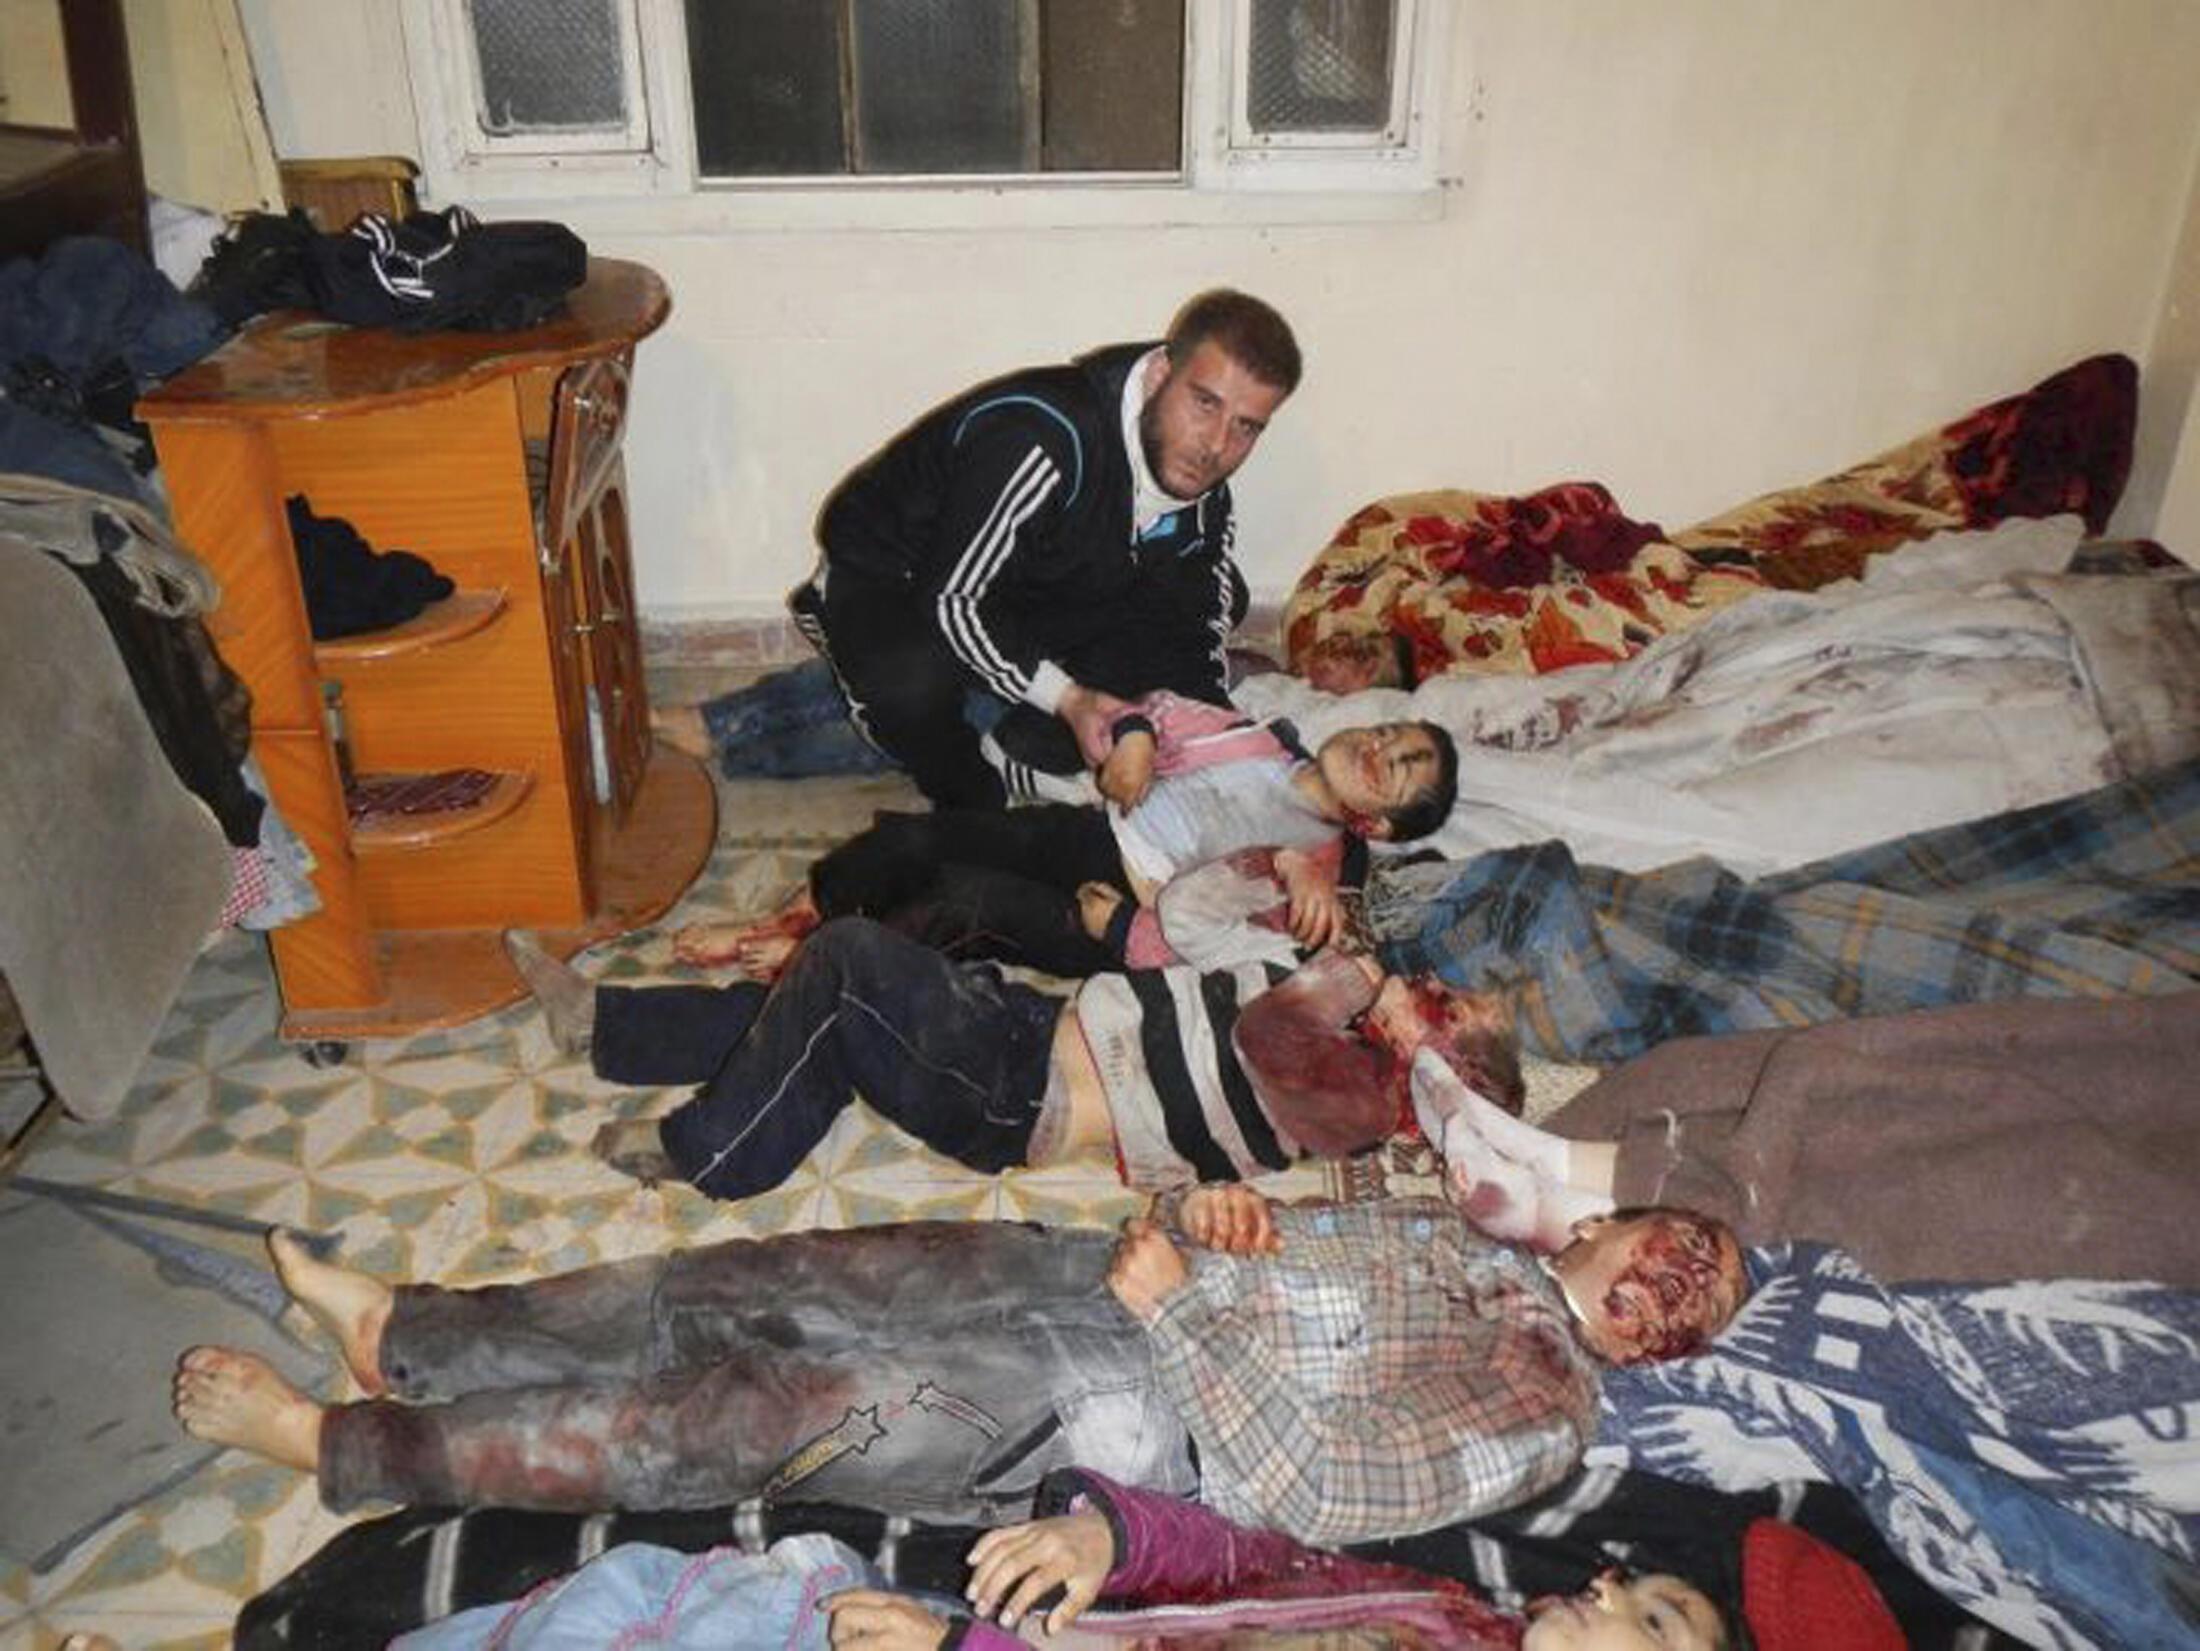 Hotunan gawawwakin wadanda suka mutu a rikicin kasar Syria.